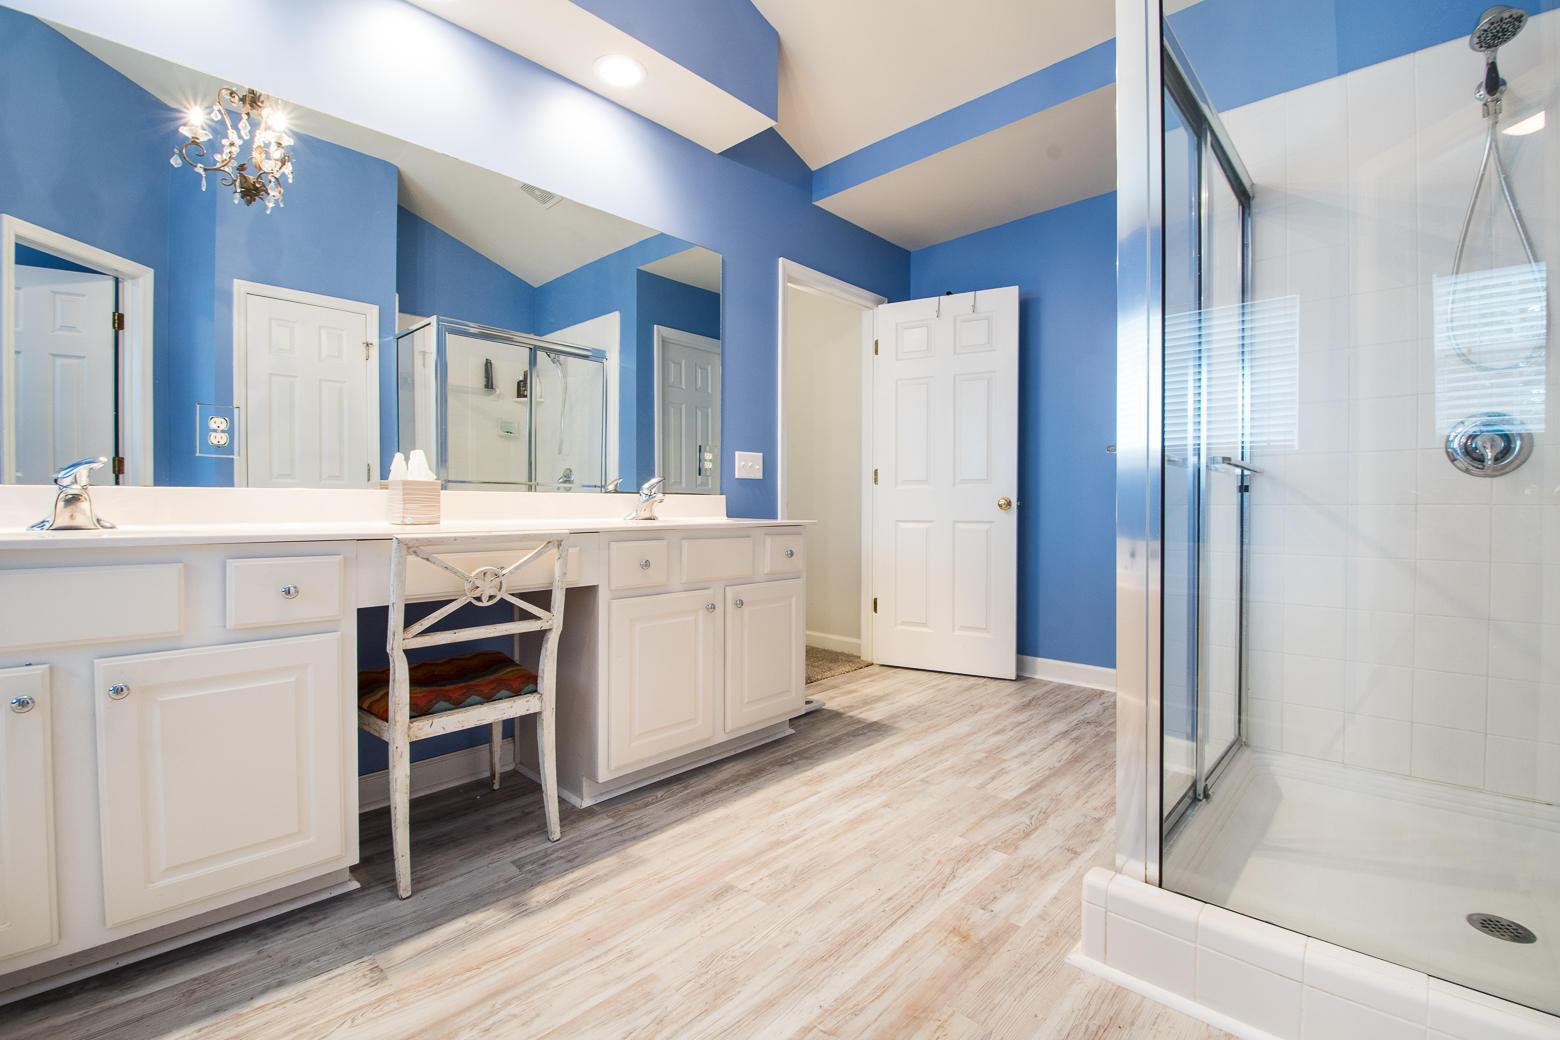 Dunes West Homes For Sale - 1111 Black Rush, Mount Pleasant, SC - 40